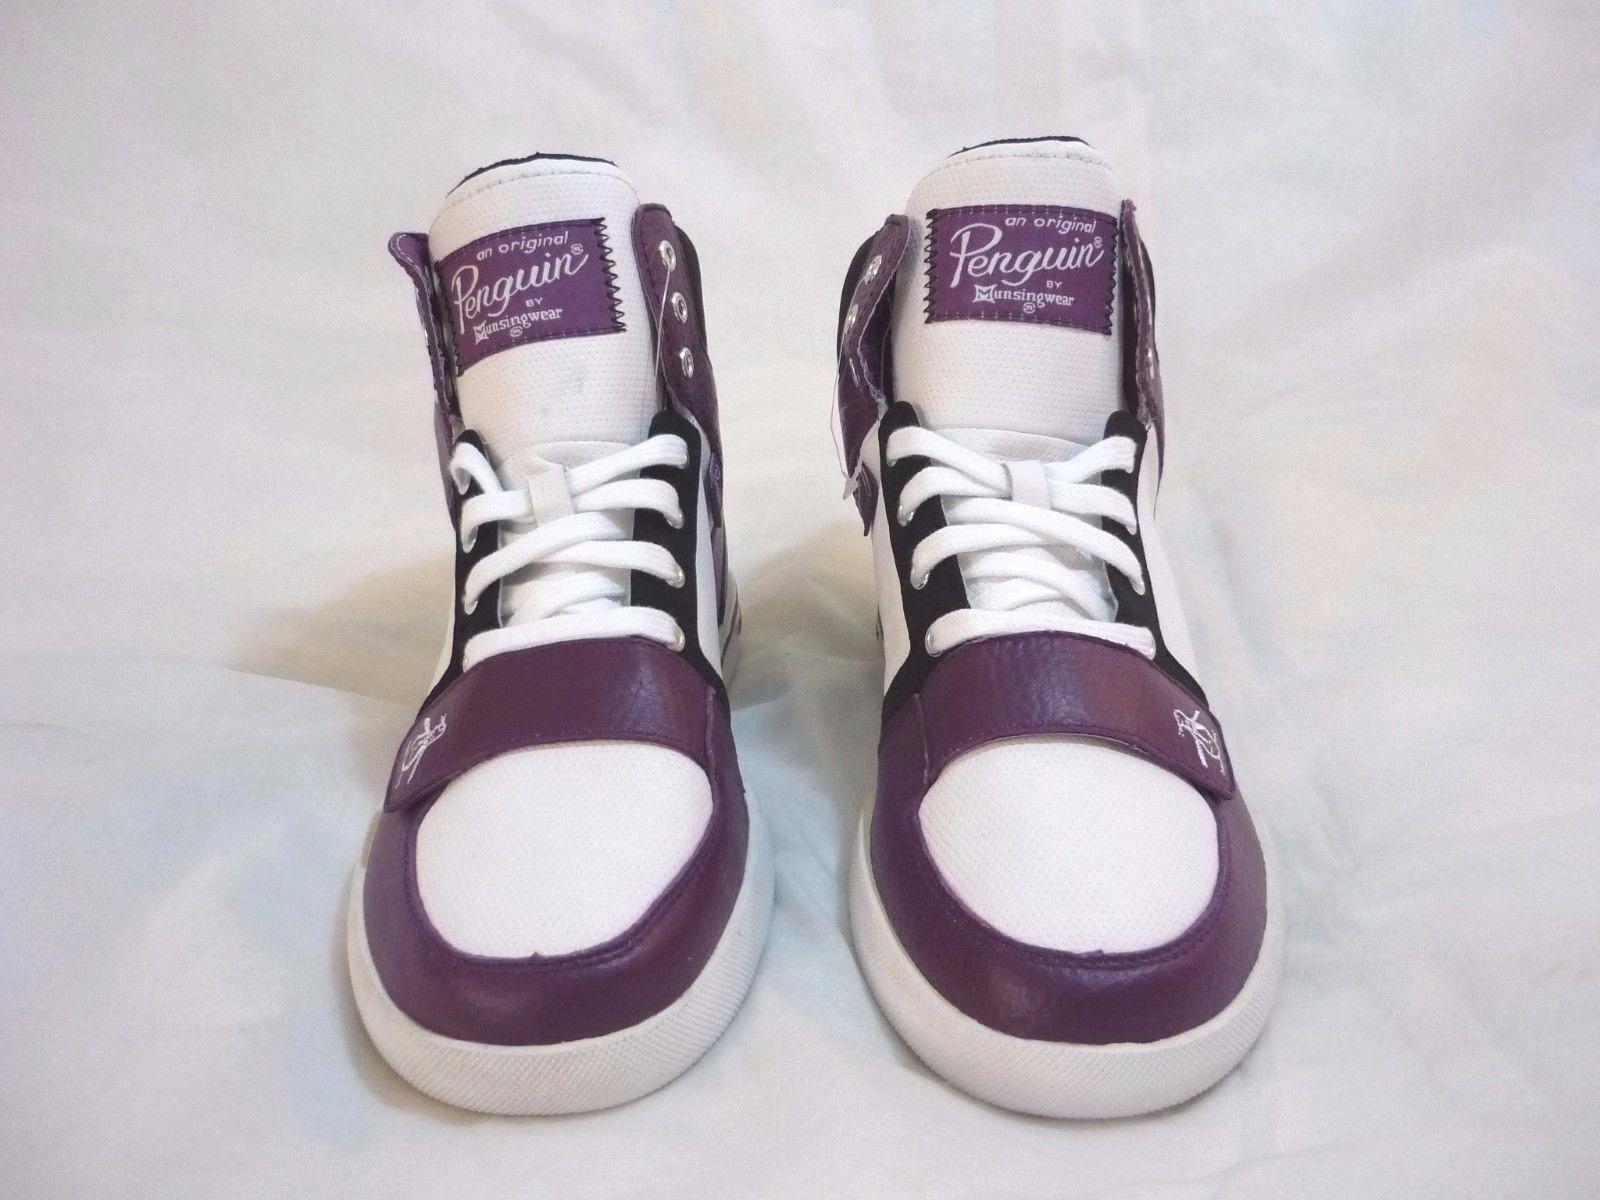 Original Penguin Moby Hi Top Zapatillas Negro Zapatos para hombre Blanco gloxina Negro Zapatillas 27af46